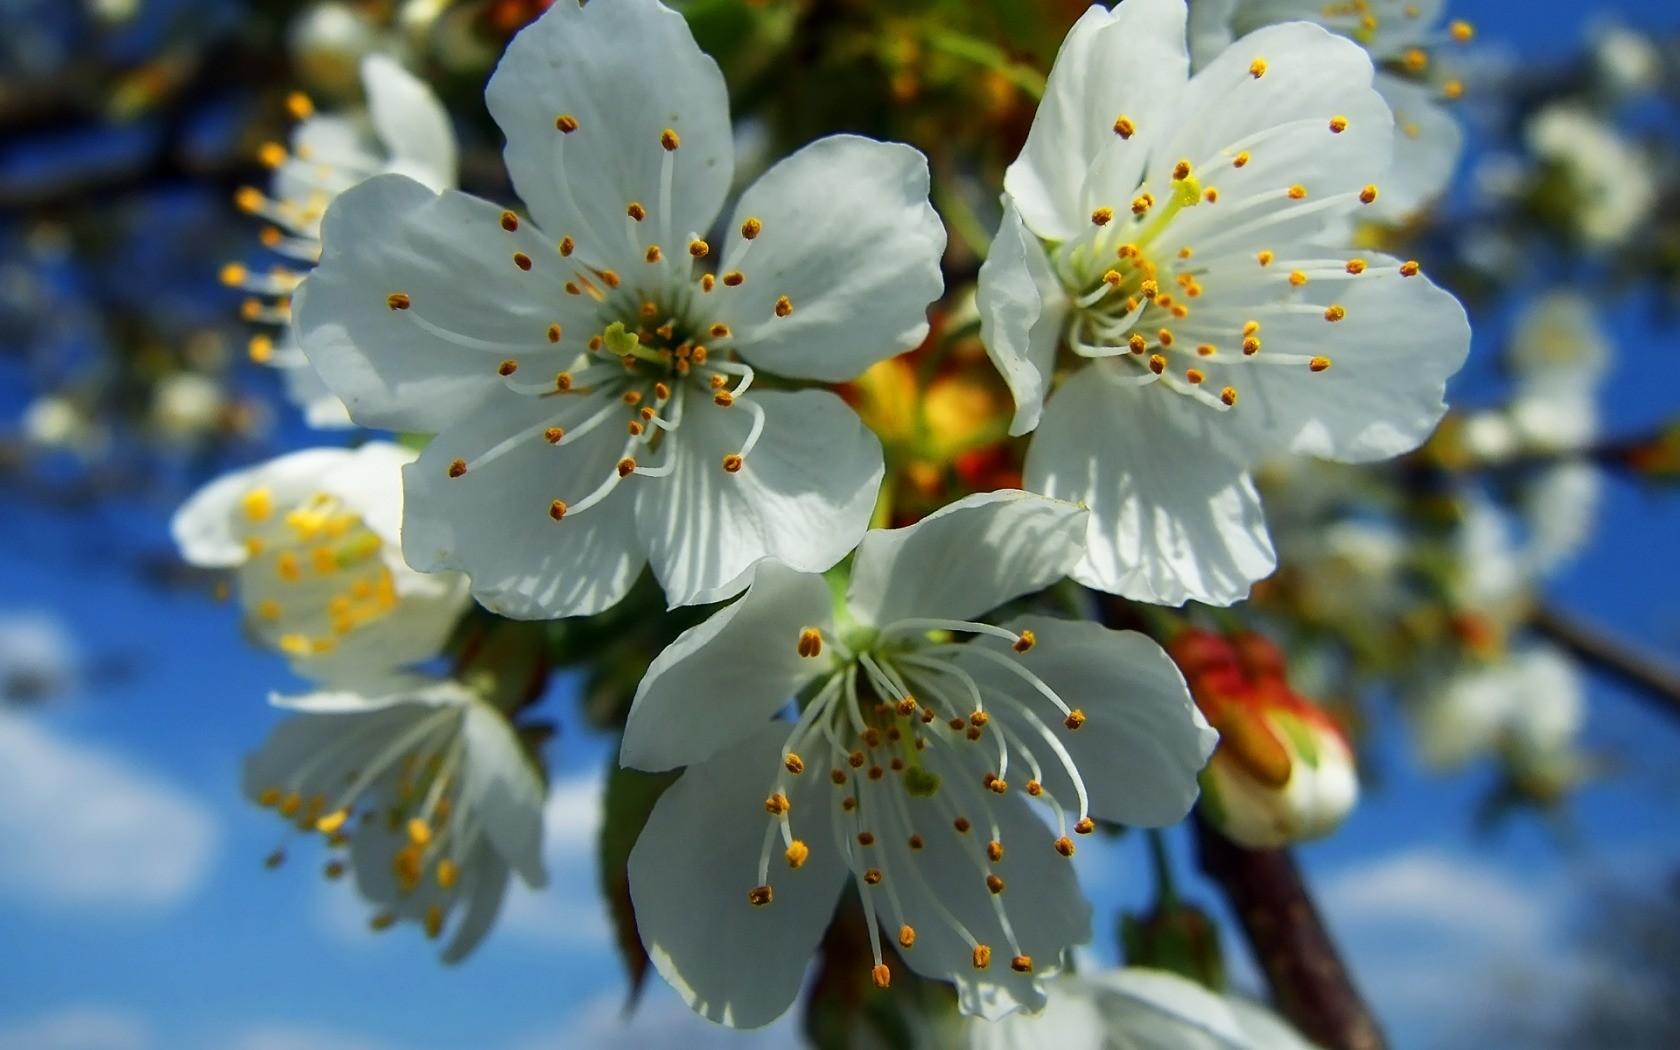 fond d 39 cran aliments la nature branche fruit fleurs blanches fleur de cerisier. Black Bedroom Furniture Sets. Home Design Ideas